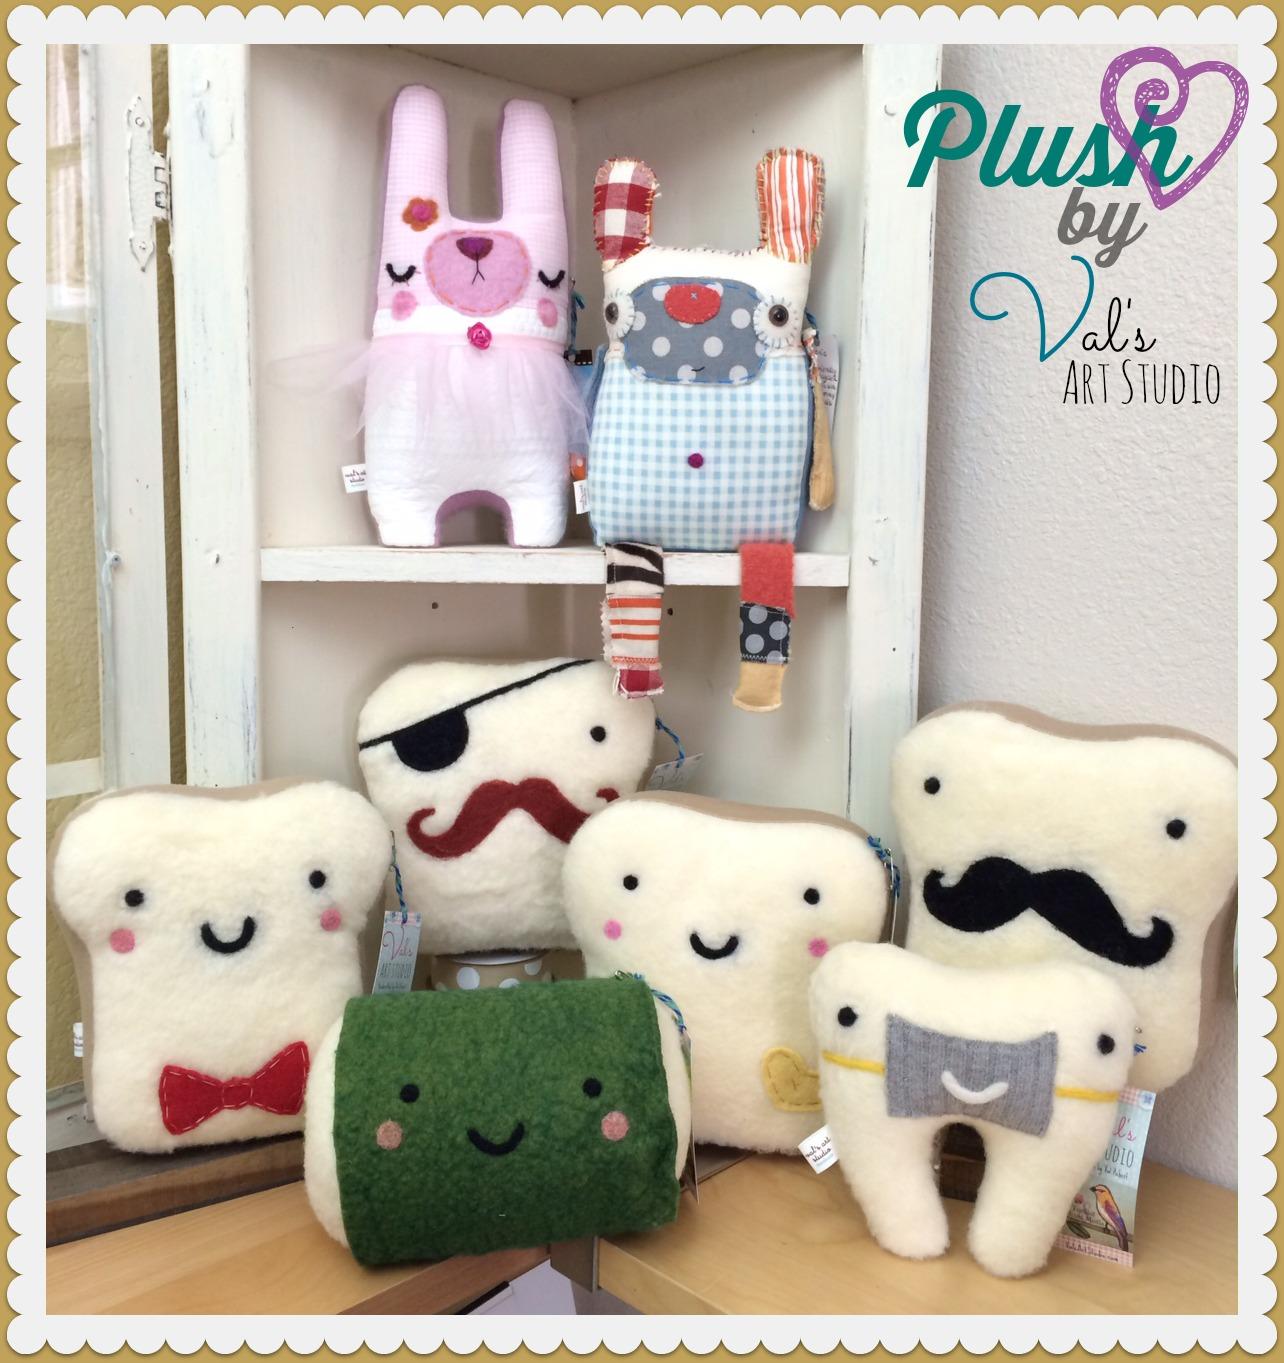 Plush love.jpg